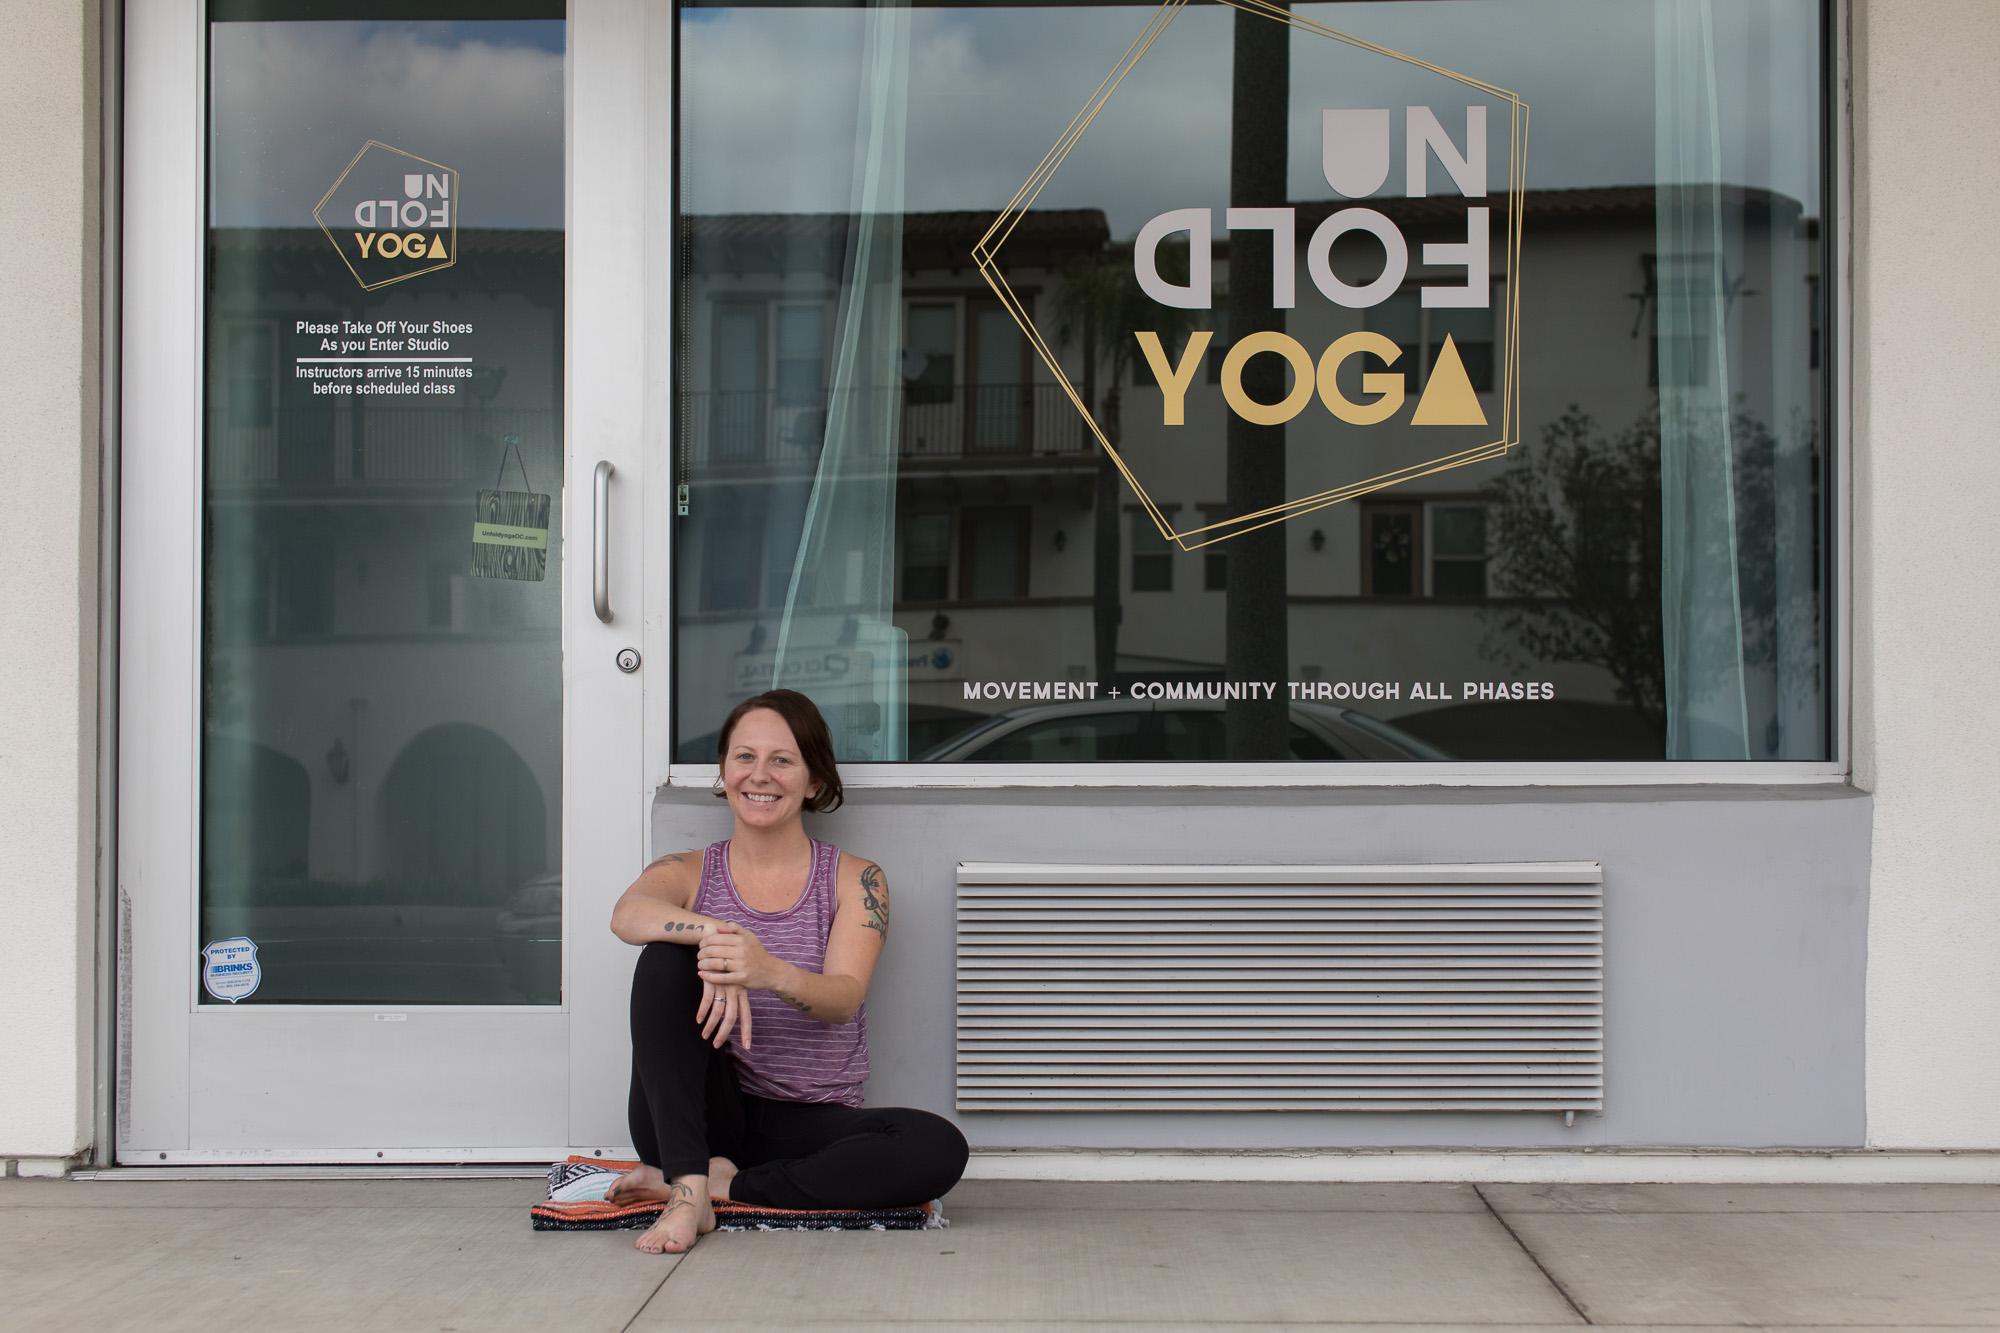 April Lovett, Founder of Unfold Yoga